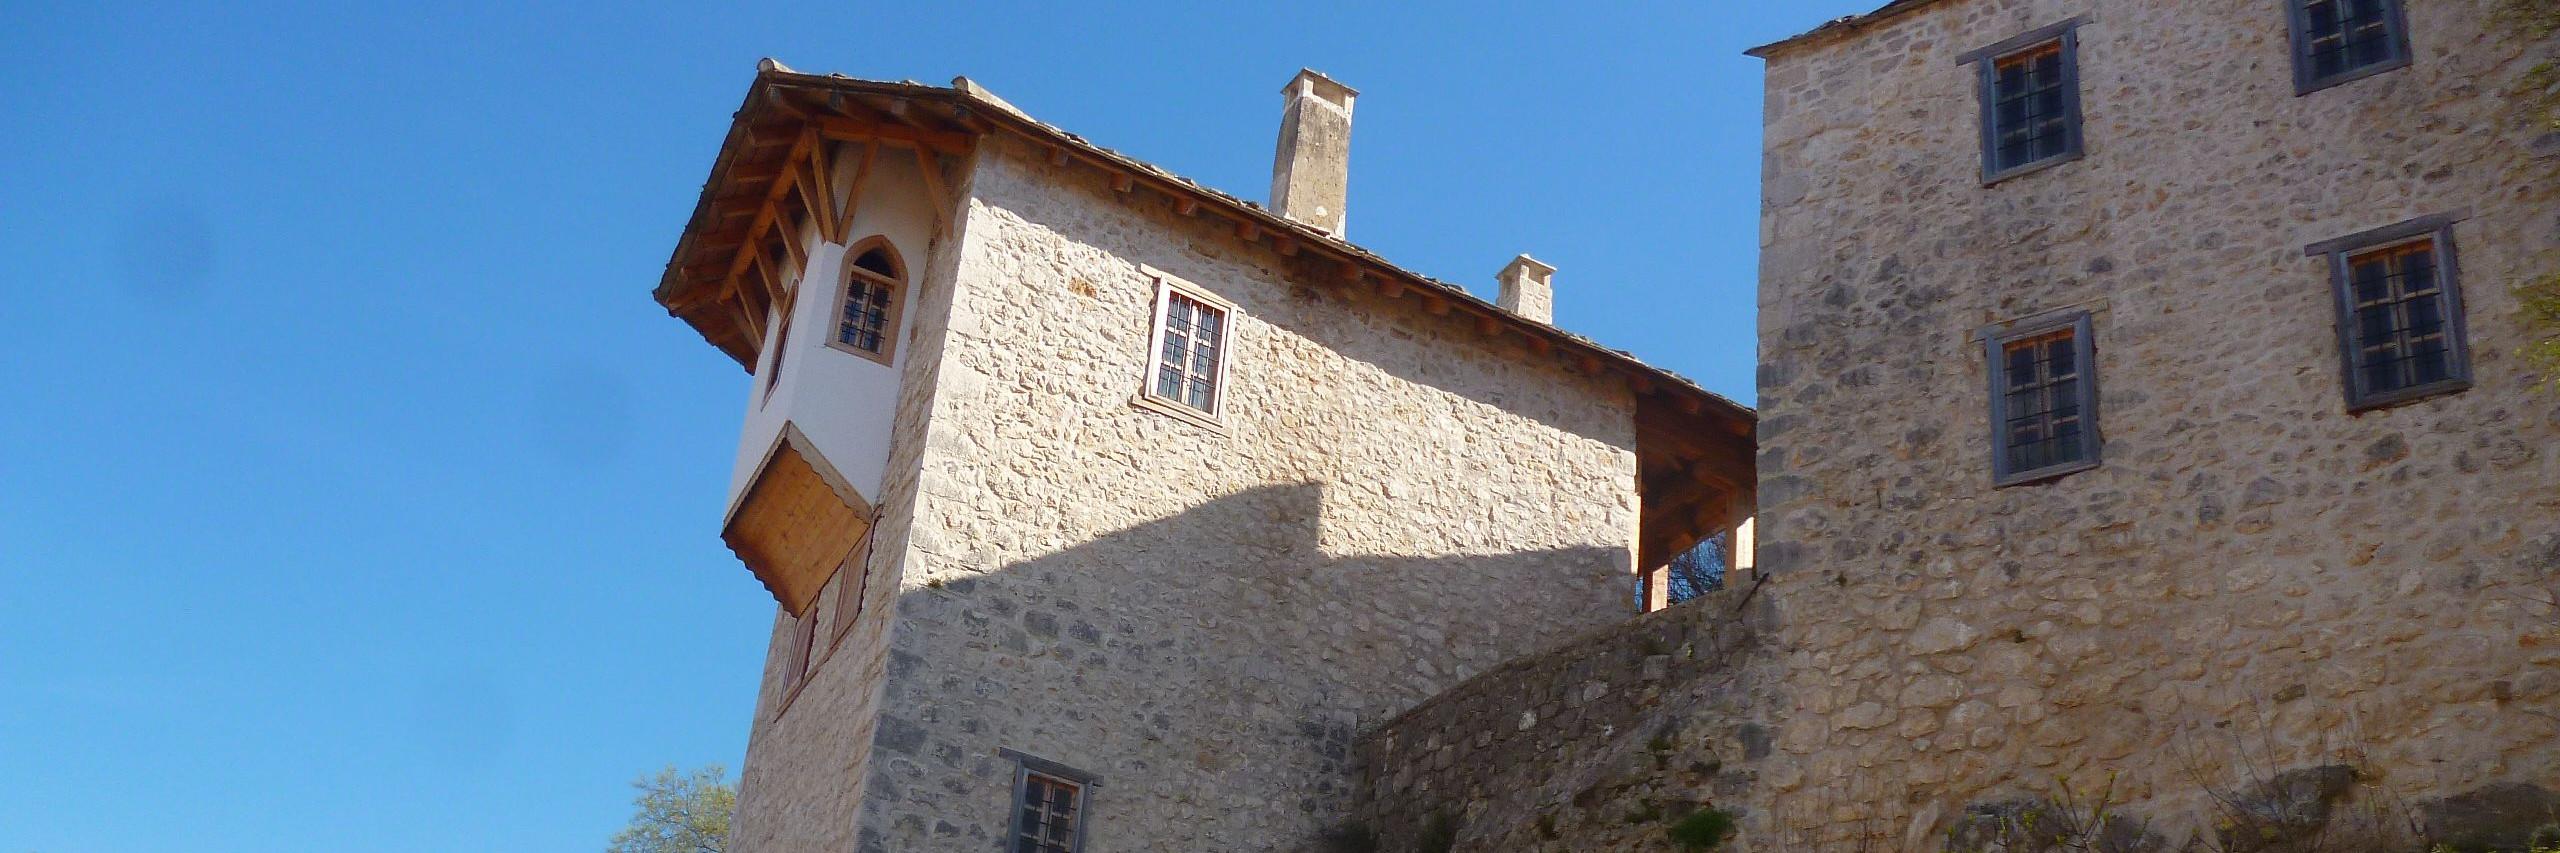 Башня Турковича